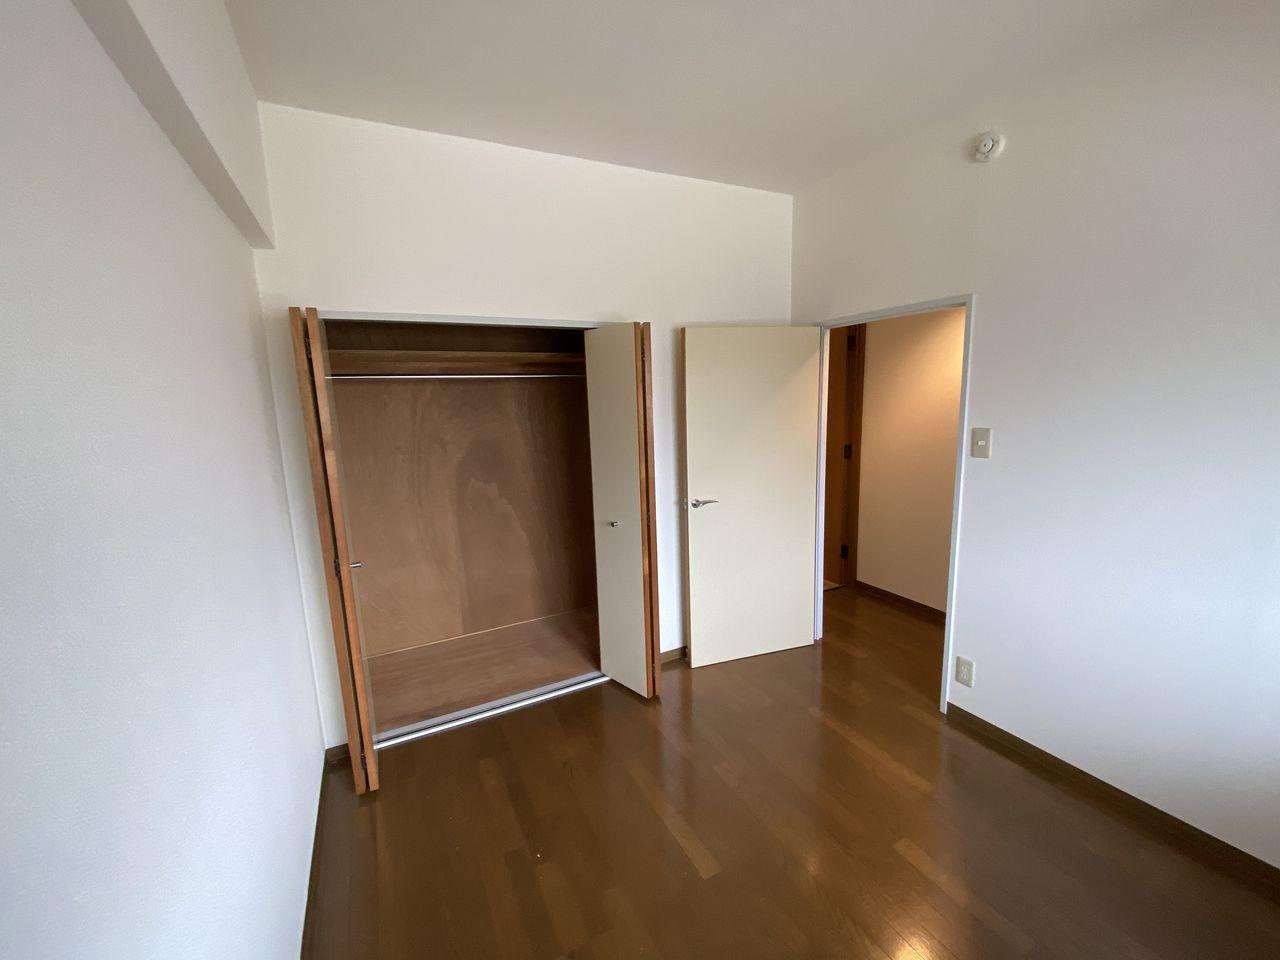 EV付たまプラーザ駅2分のマンションの第5正美ビルのクローゼット方向